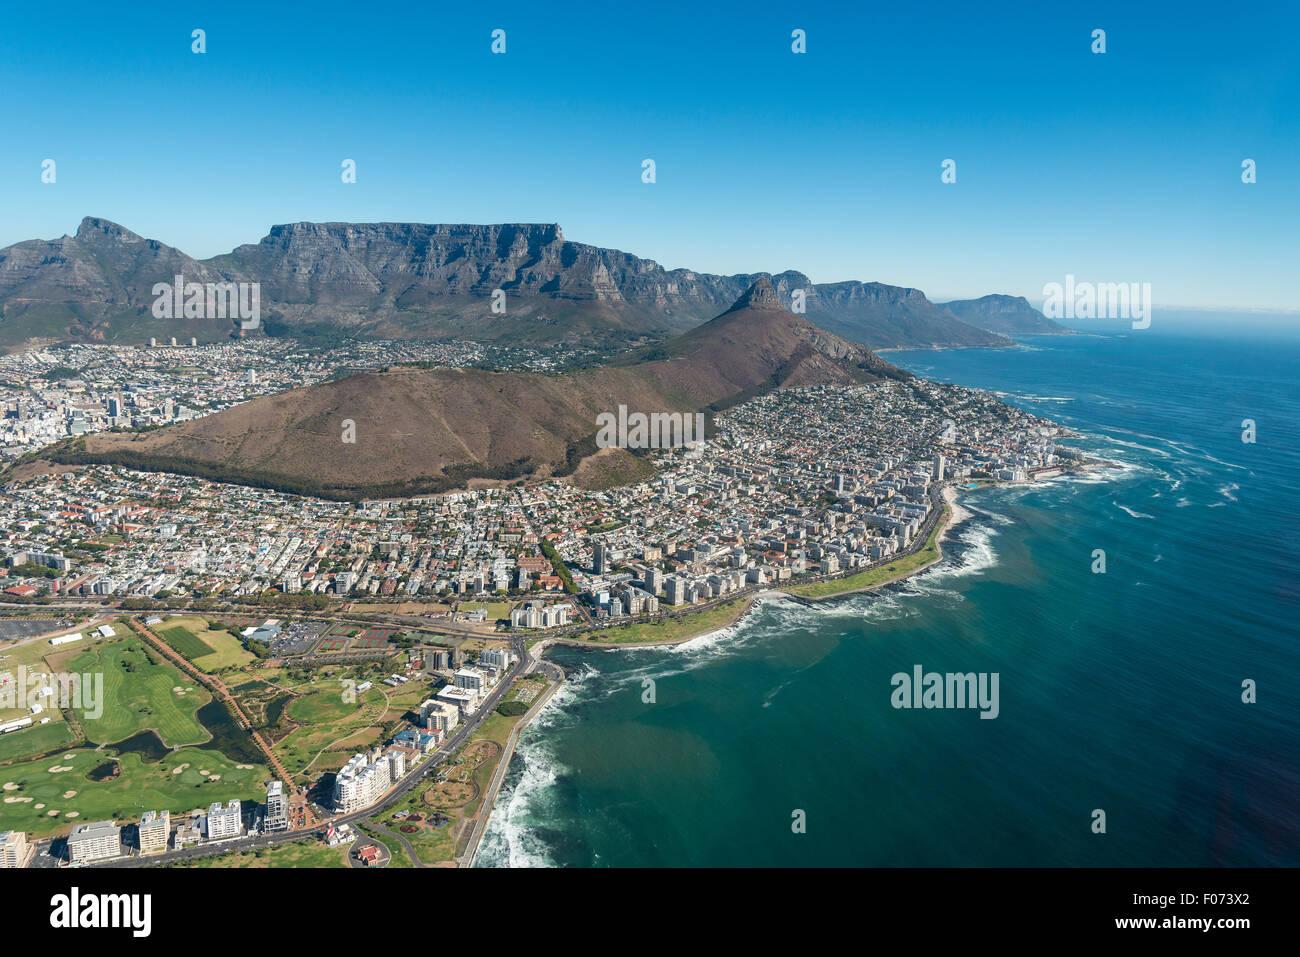 Luftaufnahme der Stadt und die Strände, Kapstadt, Westkap, Südafrika Stockfoto